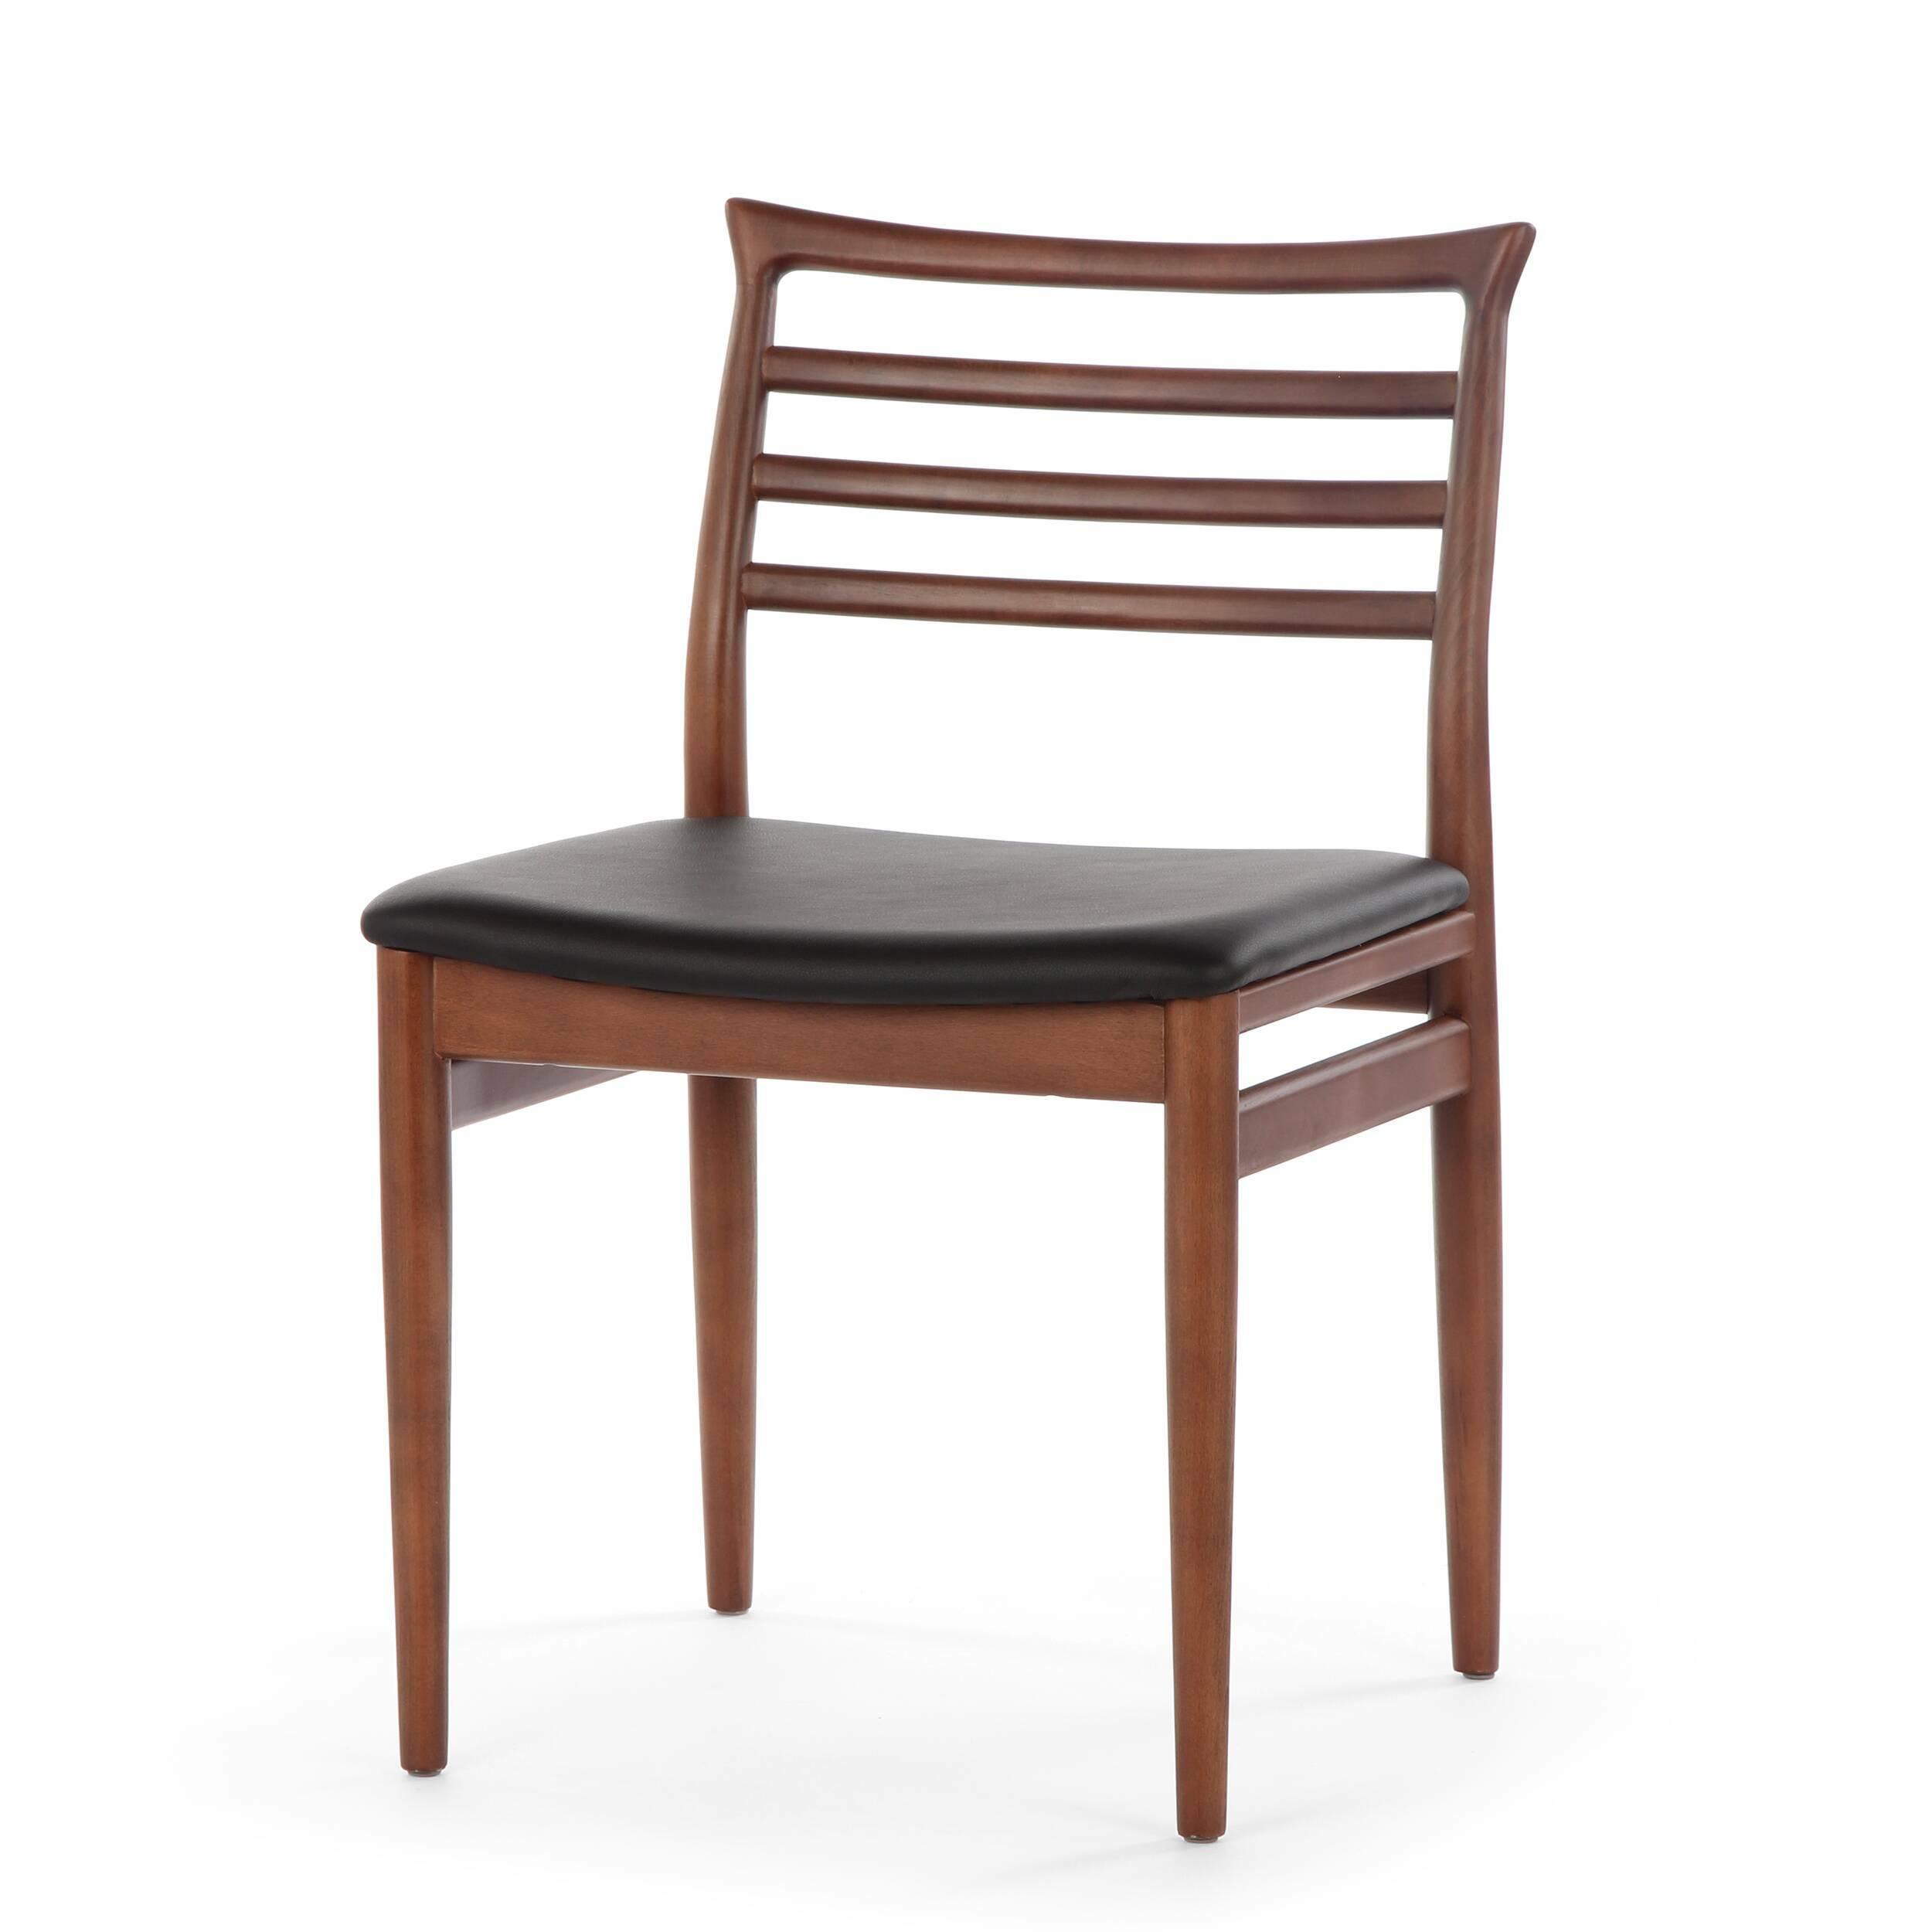 Обеденный стул BrunnИнтерьерные<br>Дизайнерский деревянный легкий стул Brunn (Брун) классической формы с кожаным сиденьем от Cosmo (Космо).<br><br>     Датский стиль означает особую функциональность всех предметов, используемых в интерьере. Он не перенасыщает помещение яркими красками и чрезмерным блеском. Разработанный в 1961 году стул Brunn — образец нетленной классики, сочетания элегантности и утонченного дизайна.<br><br><br>     Анатомической формы сиденье и спинка стула порадуют вас своей комфортностью. Стул сделан из американского...<br><br>stock: 0<br>Высота: 80<br>Высота сиденья: 46<br>Ширина: 49<br>Глубина: 52<br>Материал каркаса: Массив бука<br>Тип материала каркаса: Дерево<br>Материал сидения: Кожа искусственная<br>Цвет сидения: Черный<br>Тип материала сидения: Полиуретан<br>Коллекция ткани: Premium Grade PU<br>Цвет каркаса: Орех